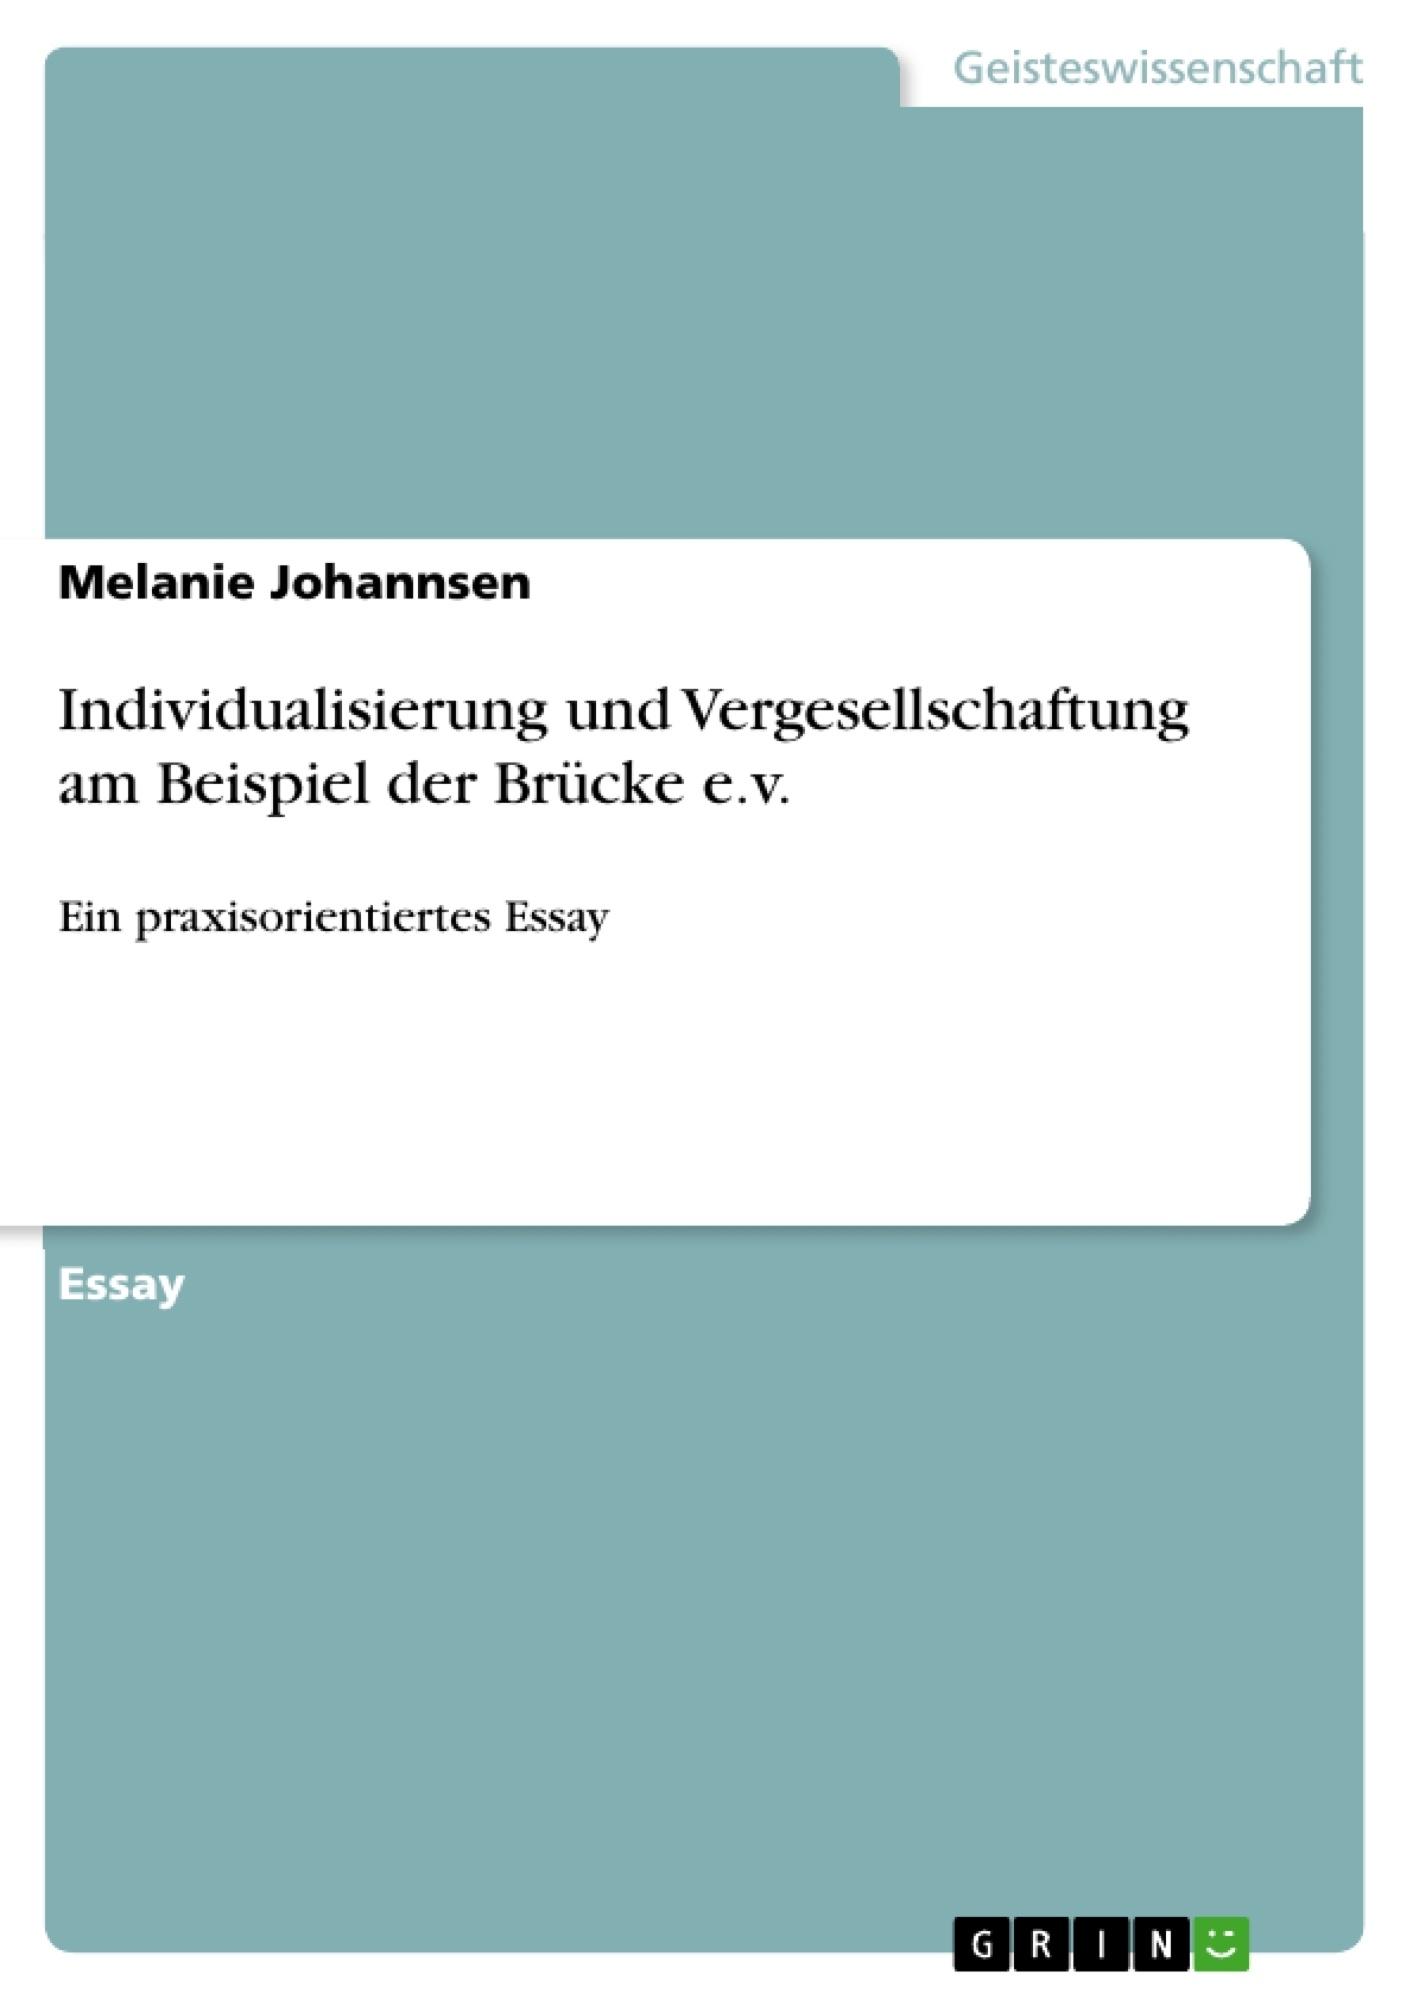 Titel: Individualisierung und Vergesellschaftung am Beispiel der Brücke e.v.